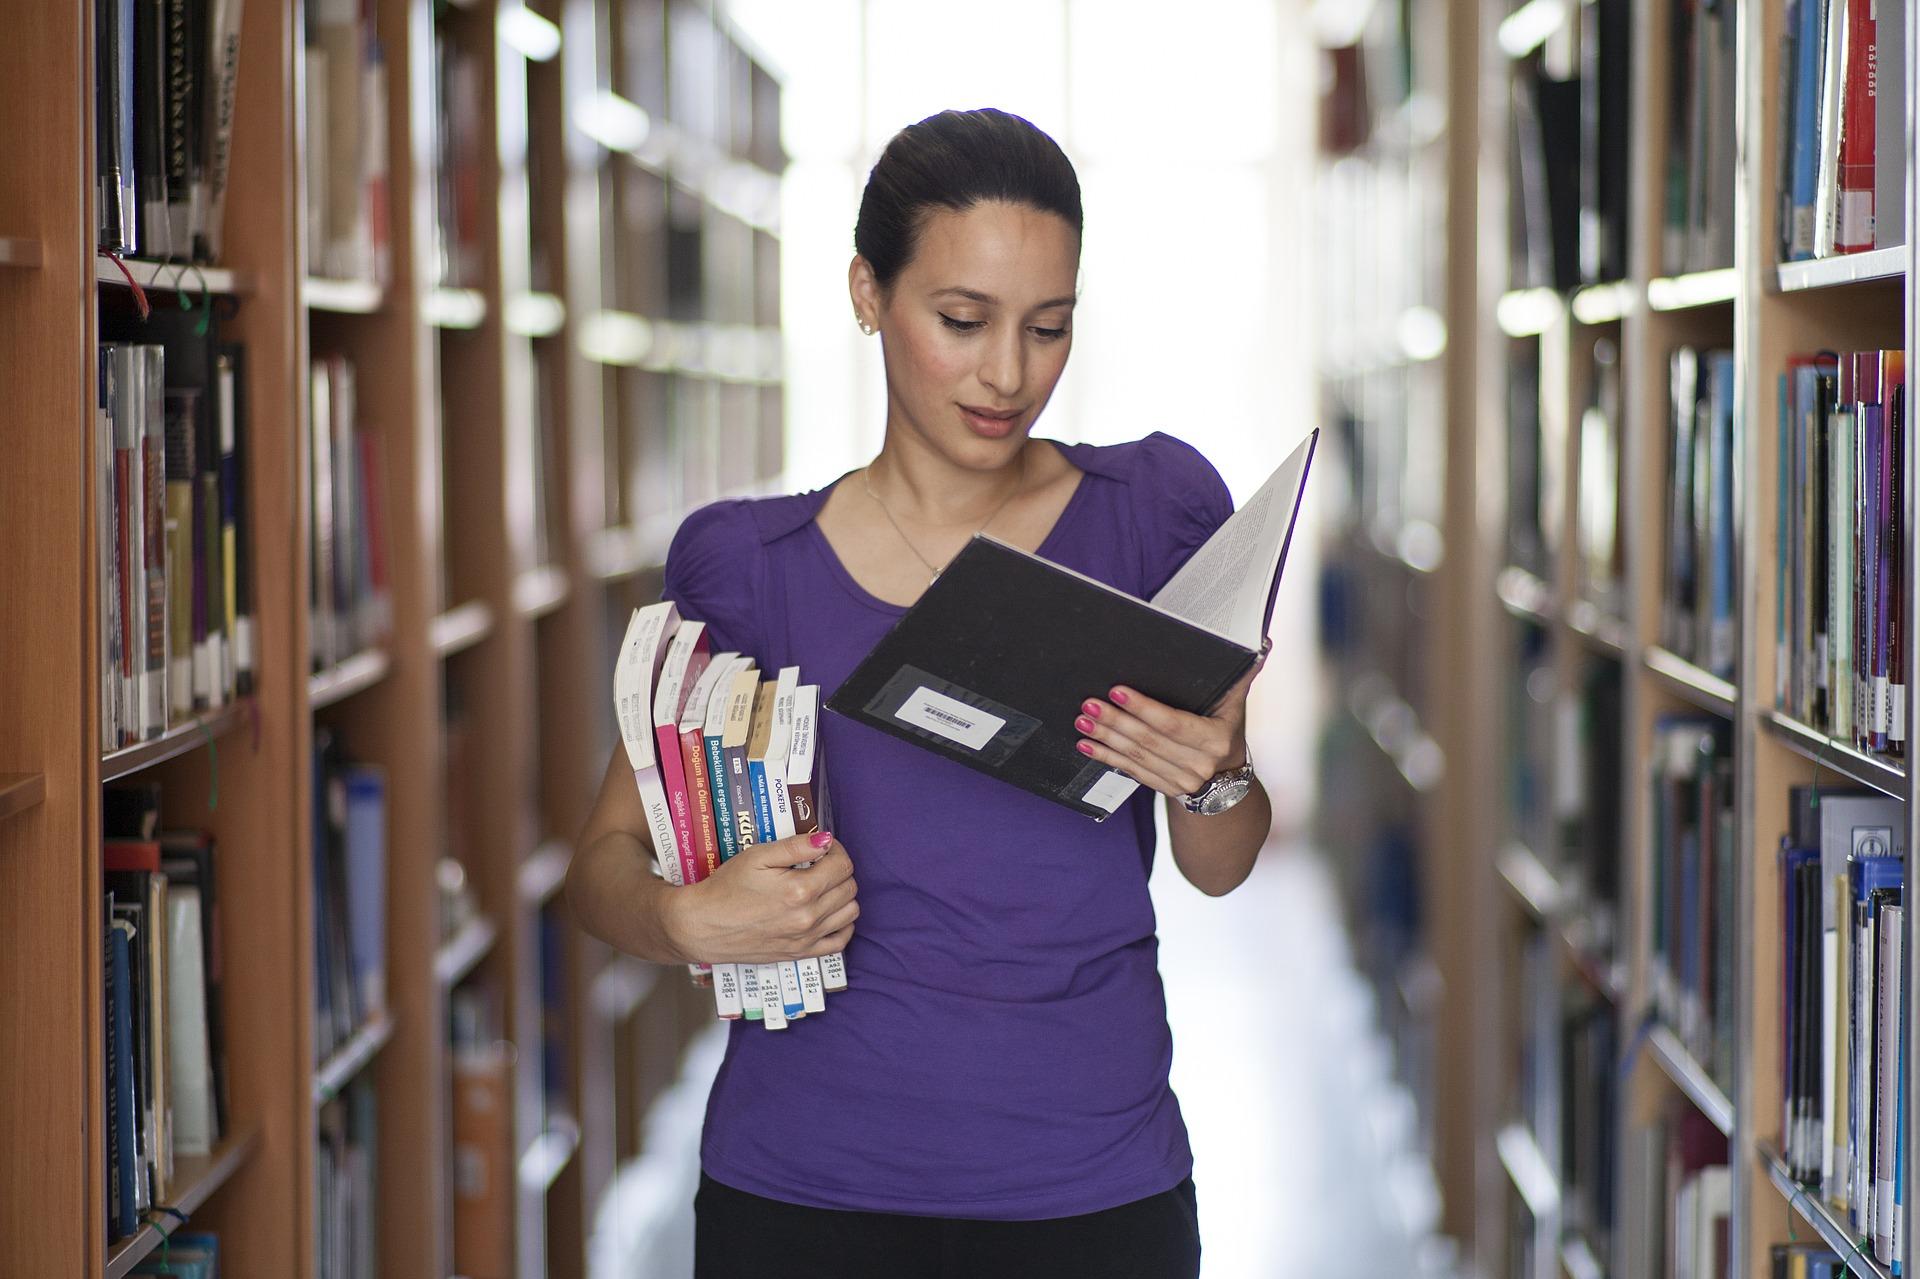 mulher, leitura, preparação, treinamento, aprendizado